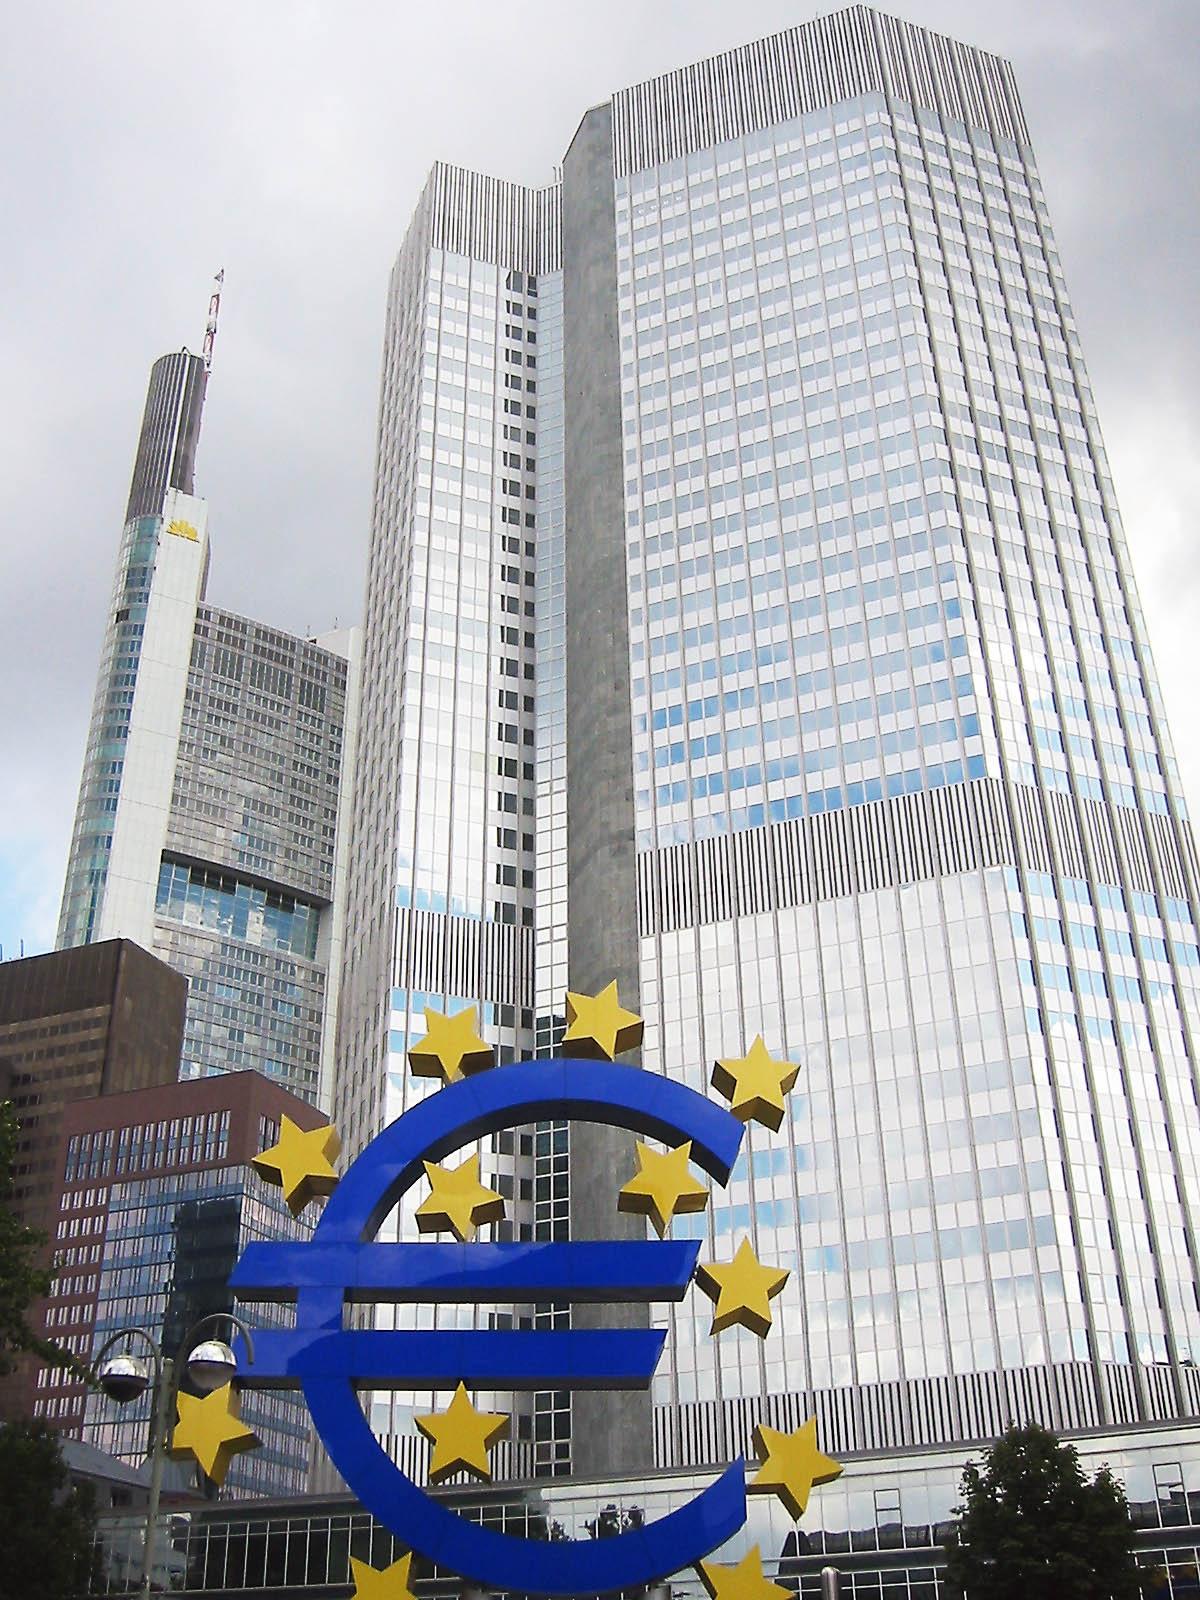 У Западной Европы денег для Восточной нет - так как сама испытывает нарастающий дефицит финансового ресурса.